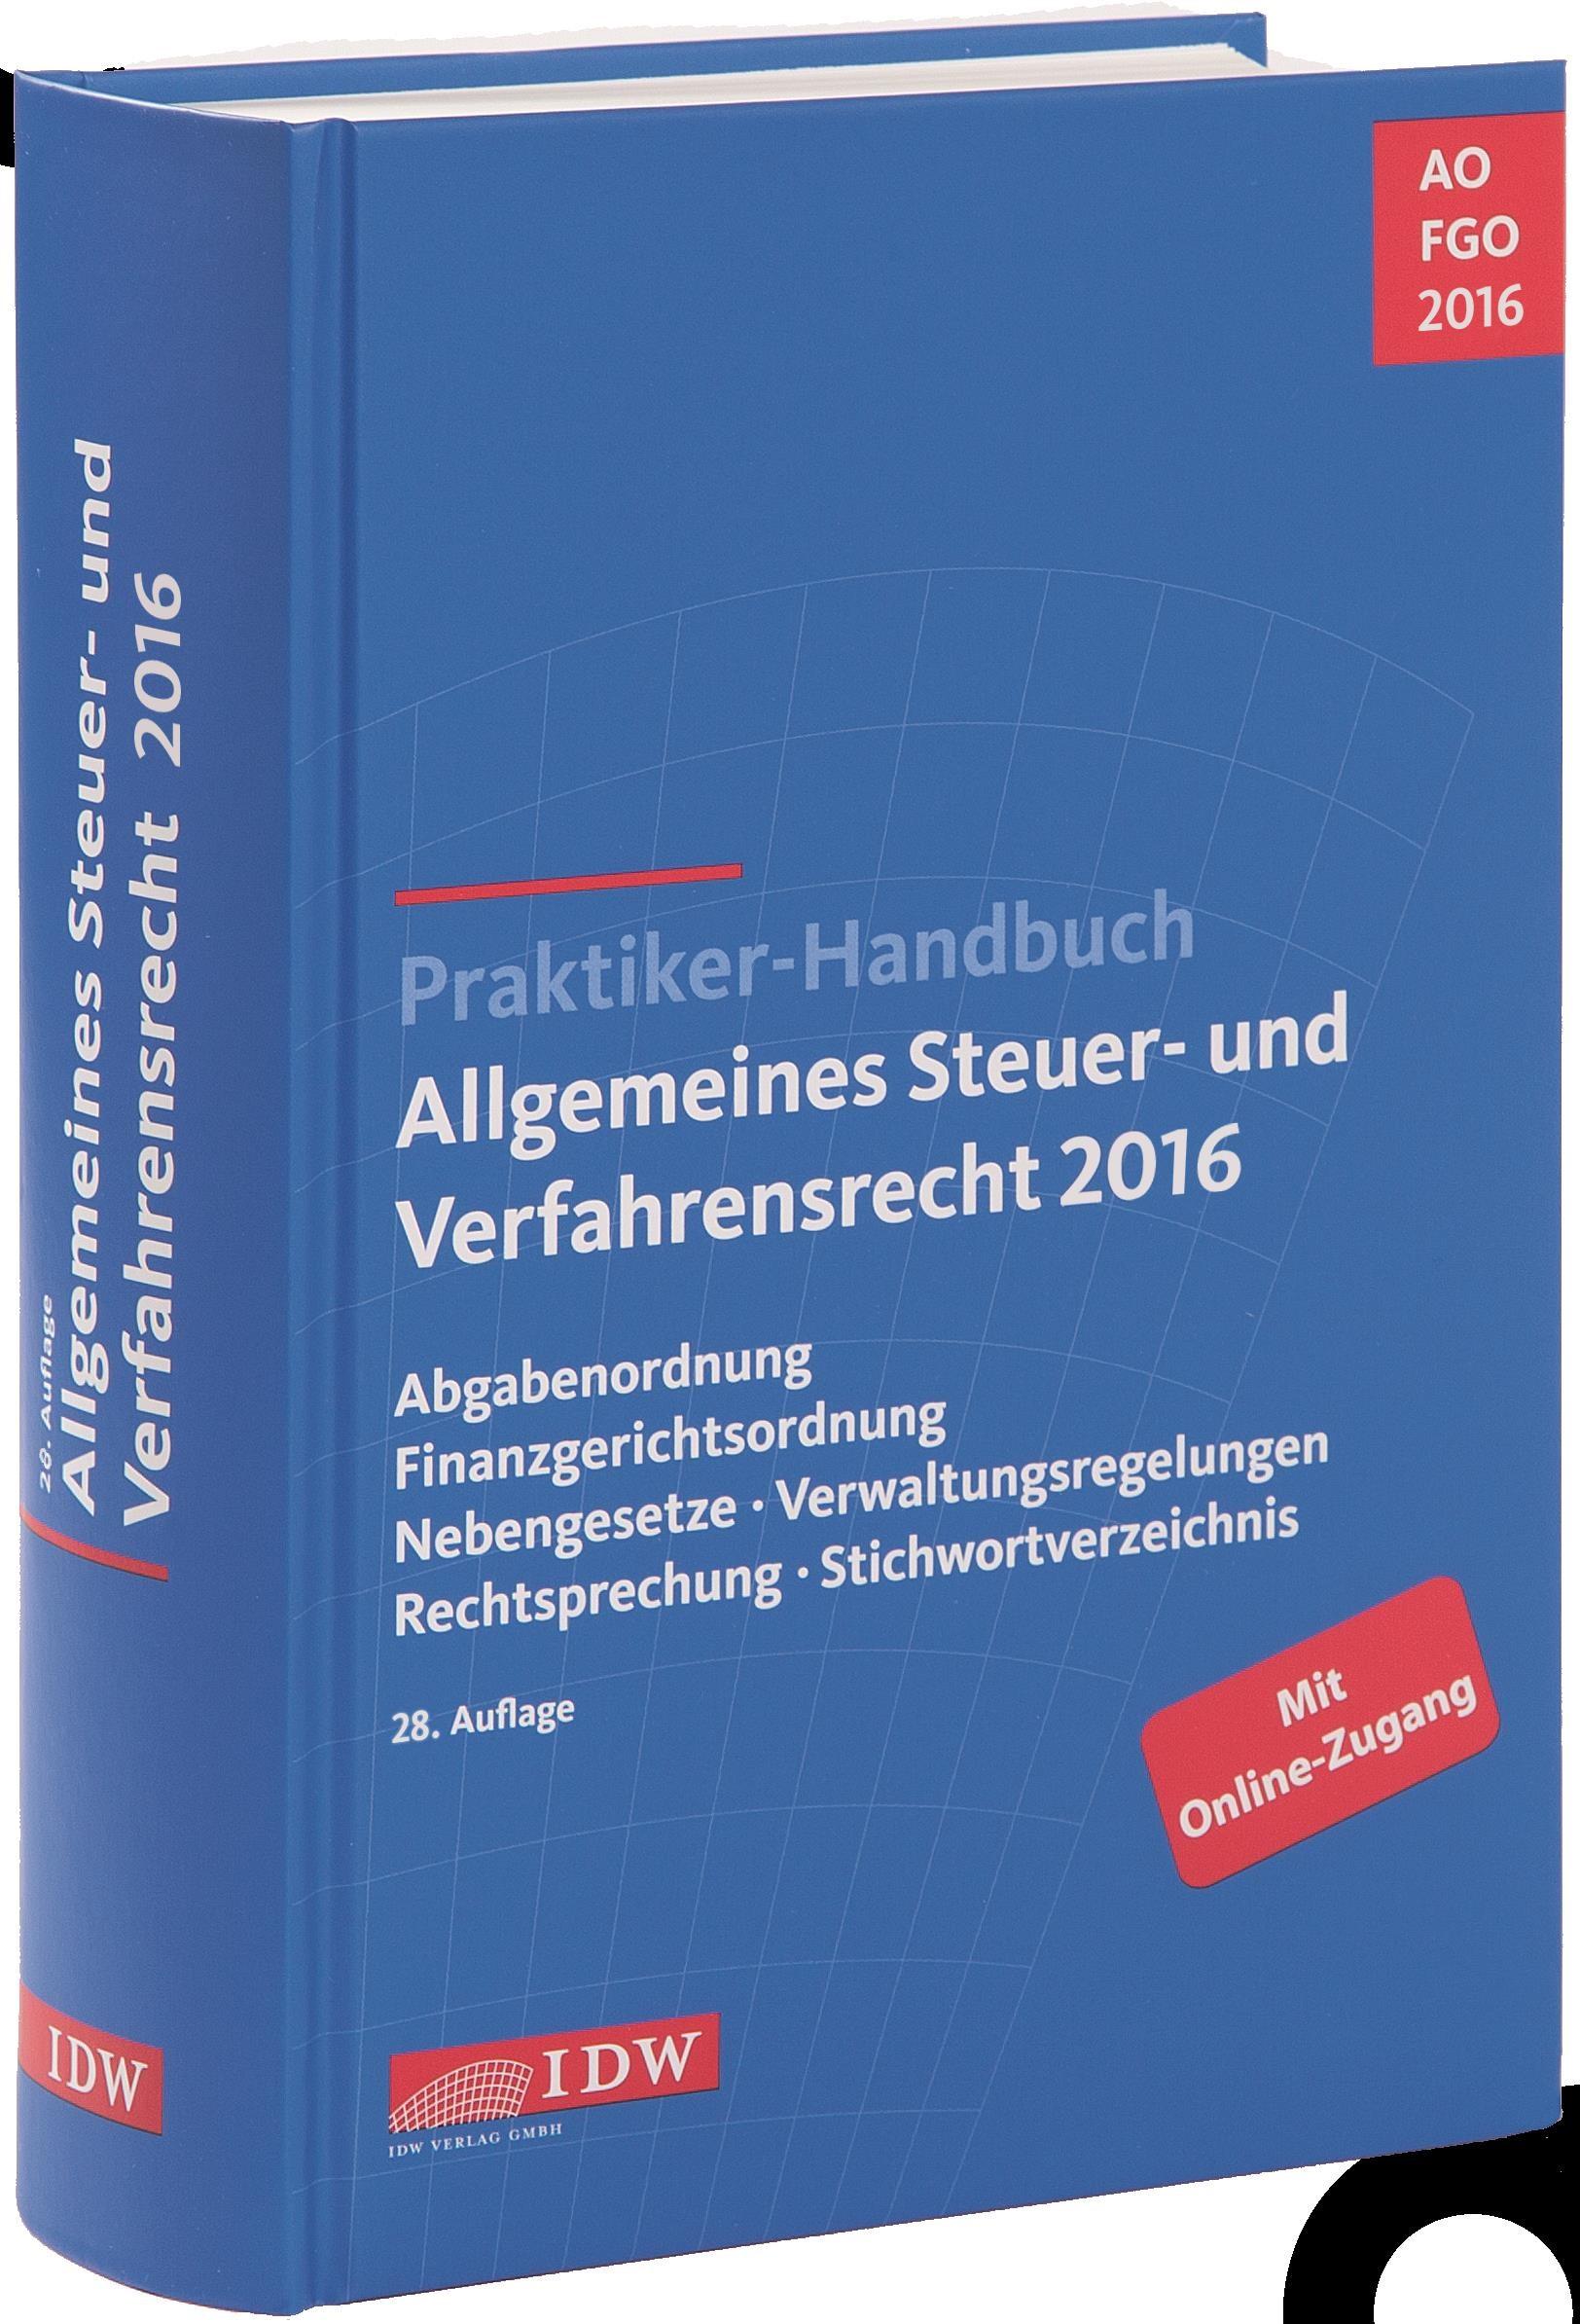 Praktiker-Handbuch Allgemeines Steuer- und Verfahrensrecht 2016 | Institut der Wirtschaftsprüfer (Hrsg.) | 28. Auflage, 2016 (Cover)